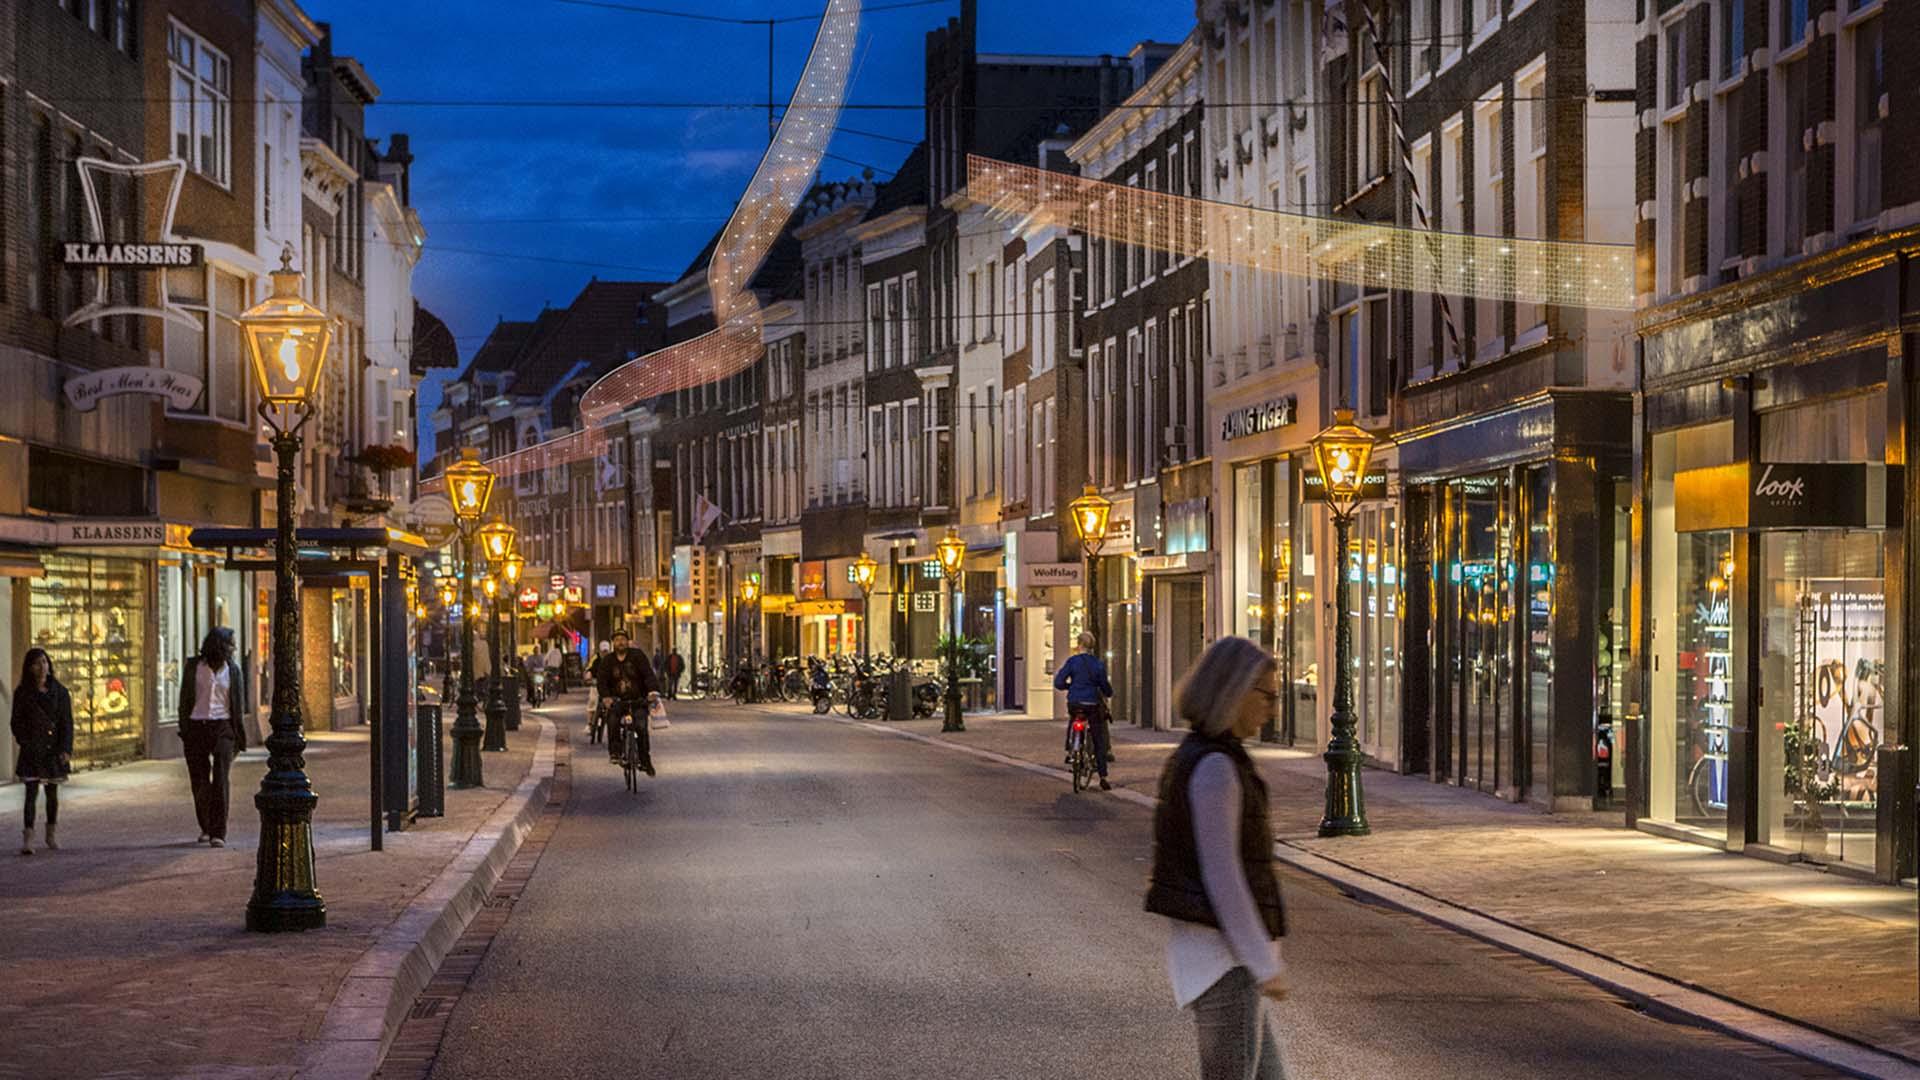 lichtslingers in straten, decoratieverlichting, lichtontwerp door ipv Delf